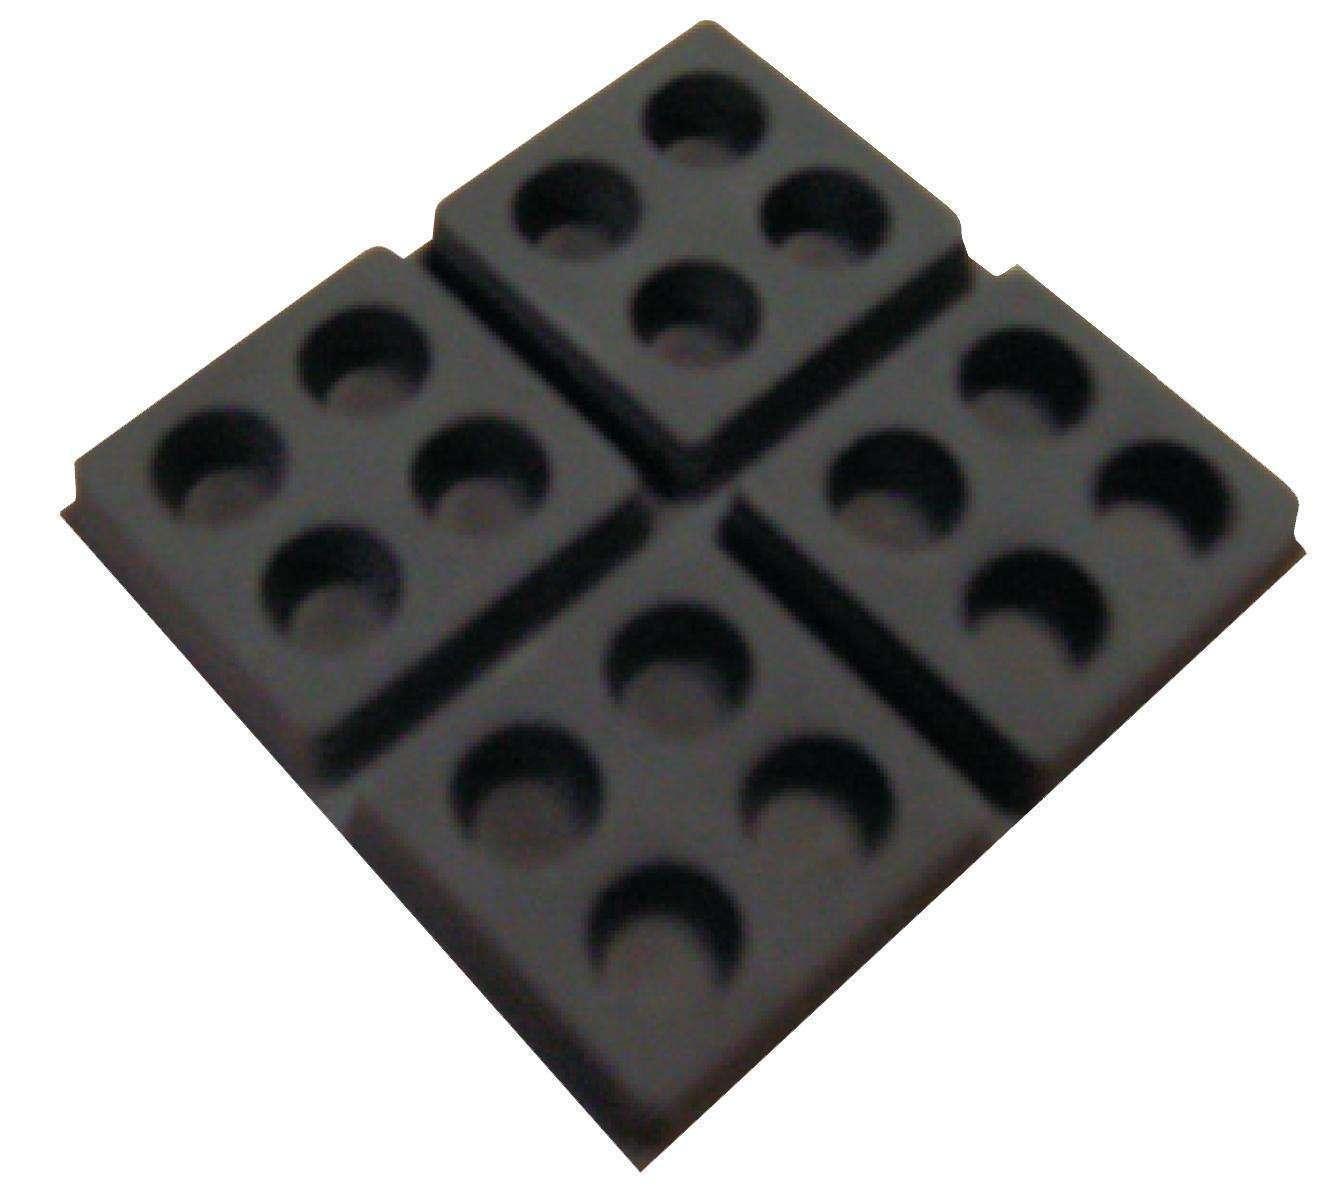 Plot amortisseur pour caisson elastomère